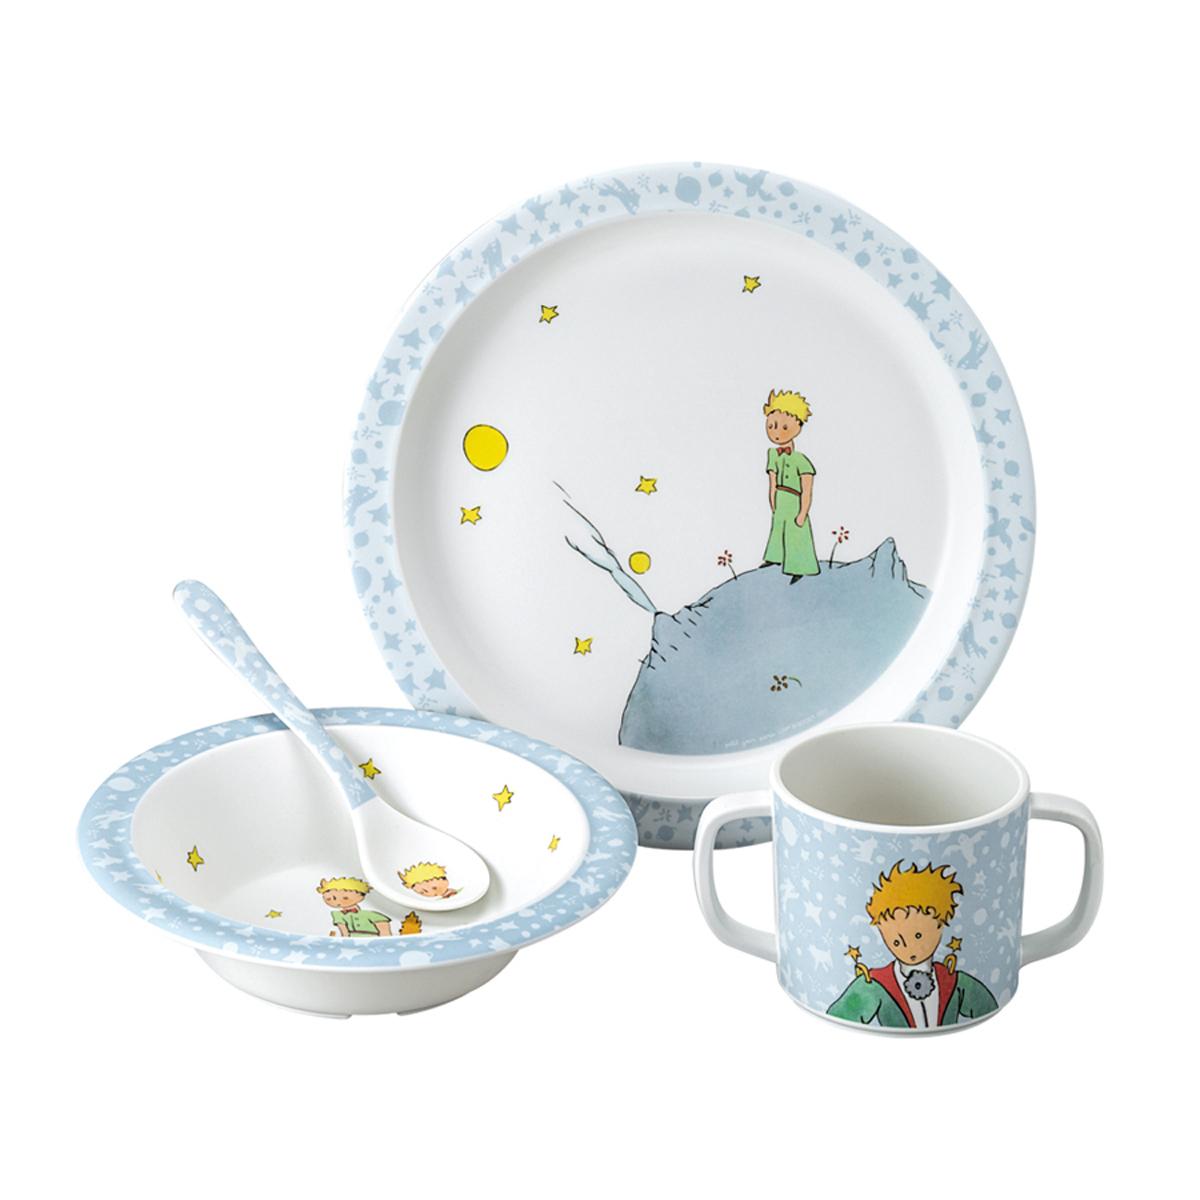 petit jour coffret cadeau 4 pi ces le petit prince bleu coffret repas petit jour sur l. Black Bedroom Furniture Sets. Home Design Ideas